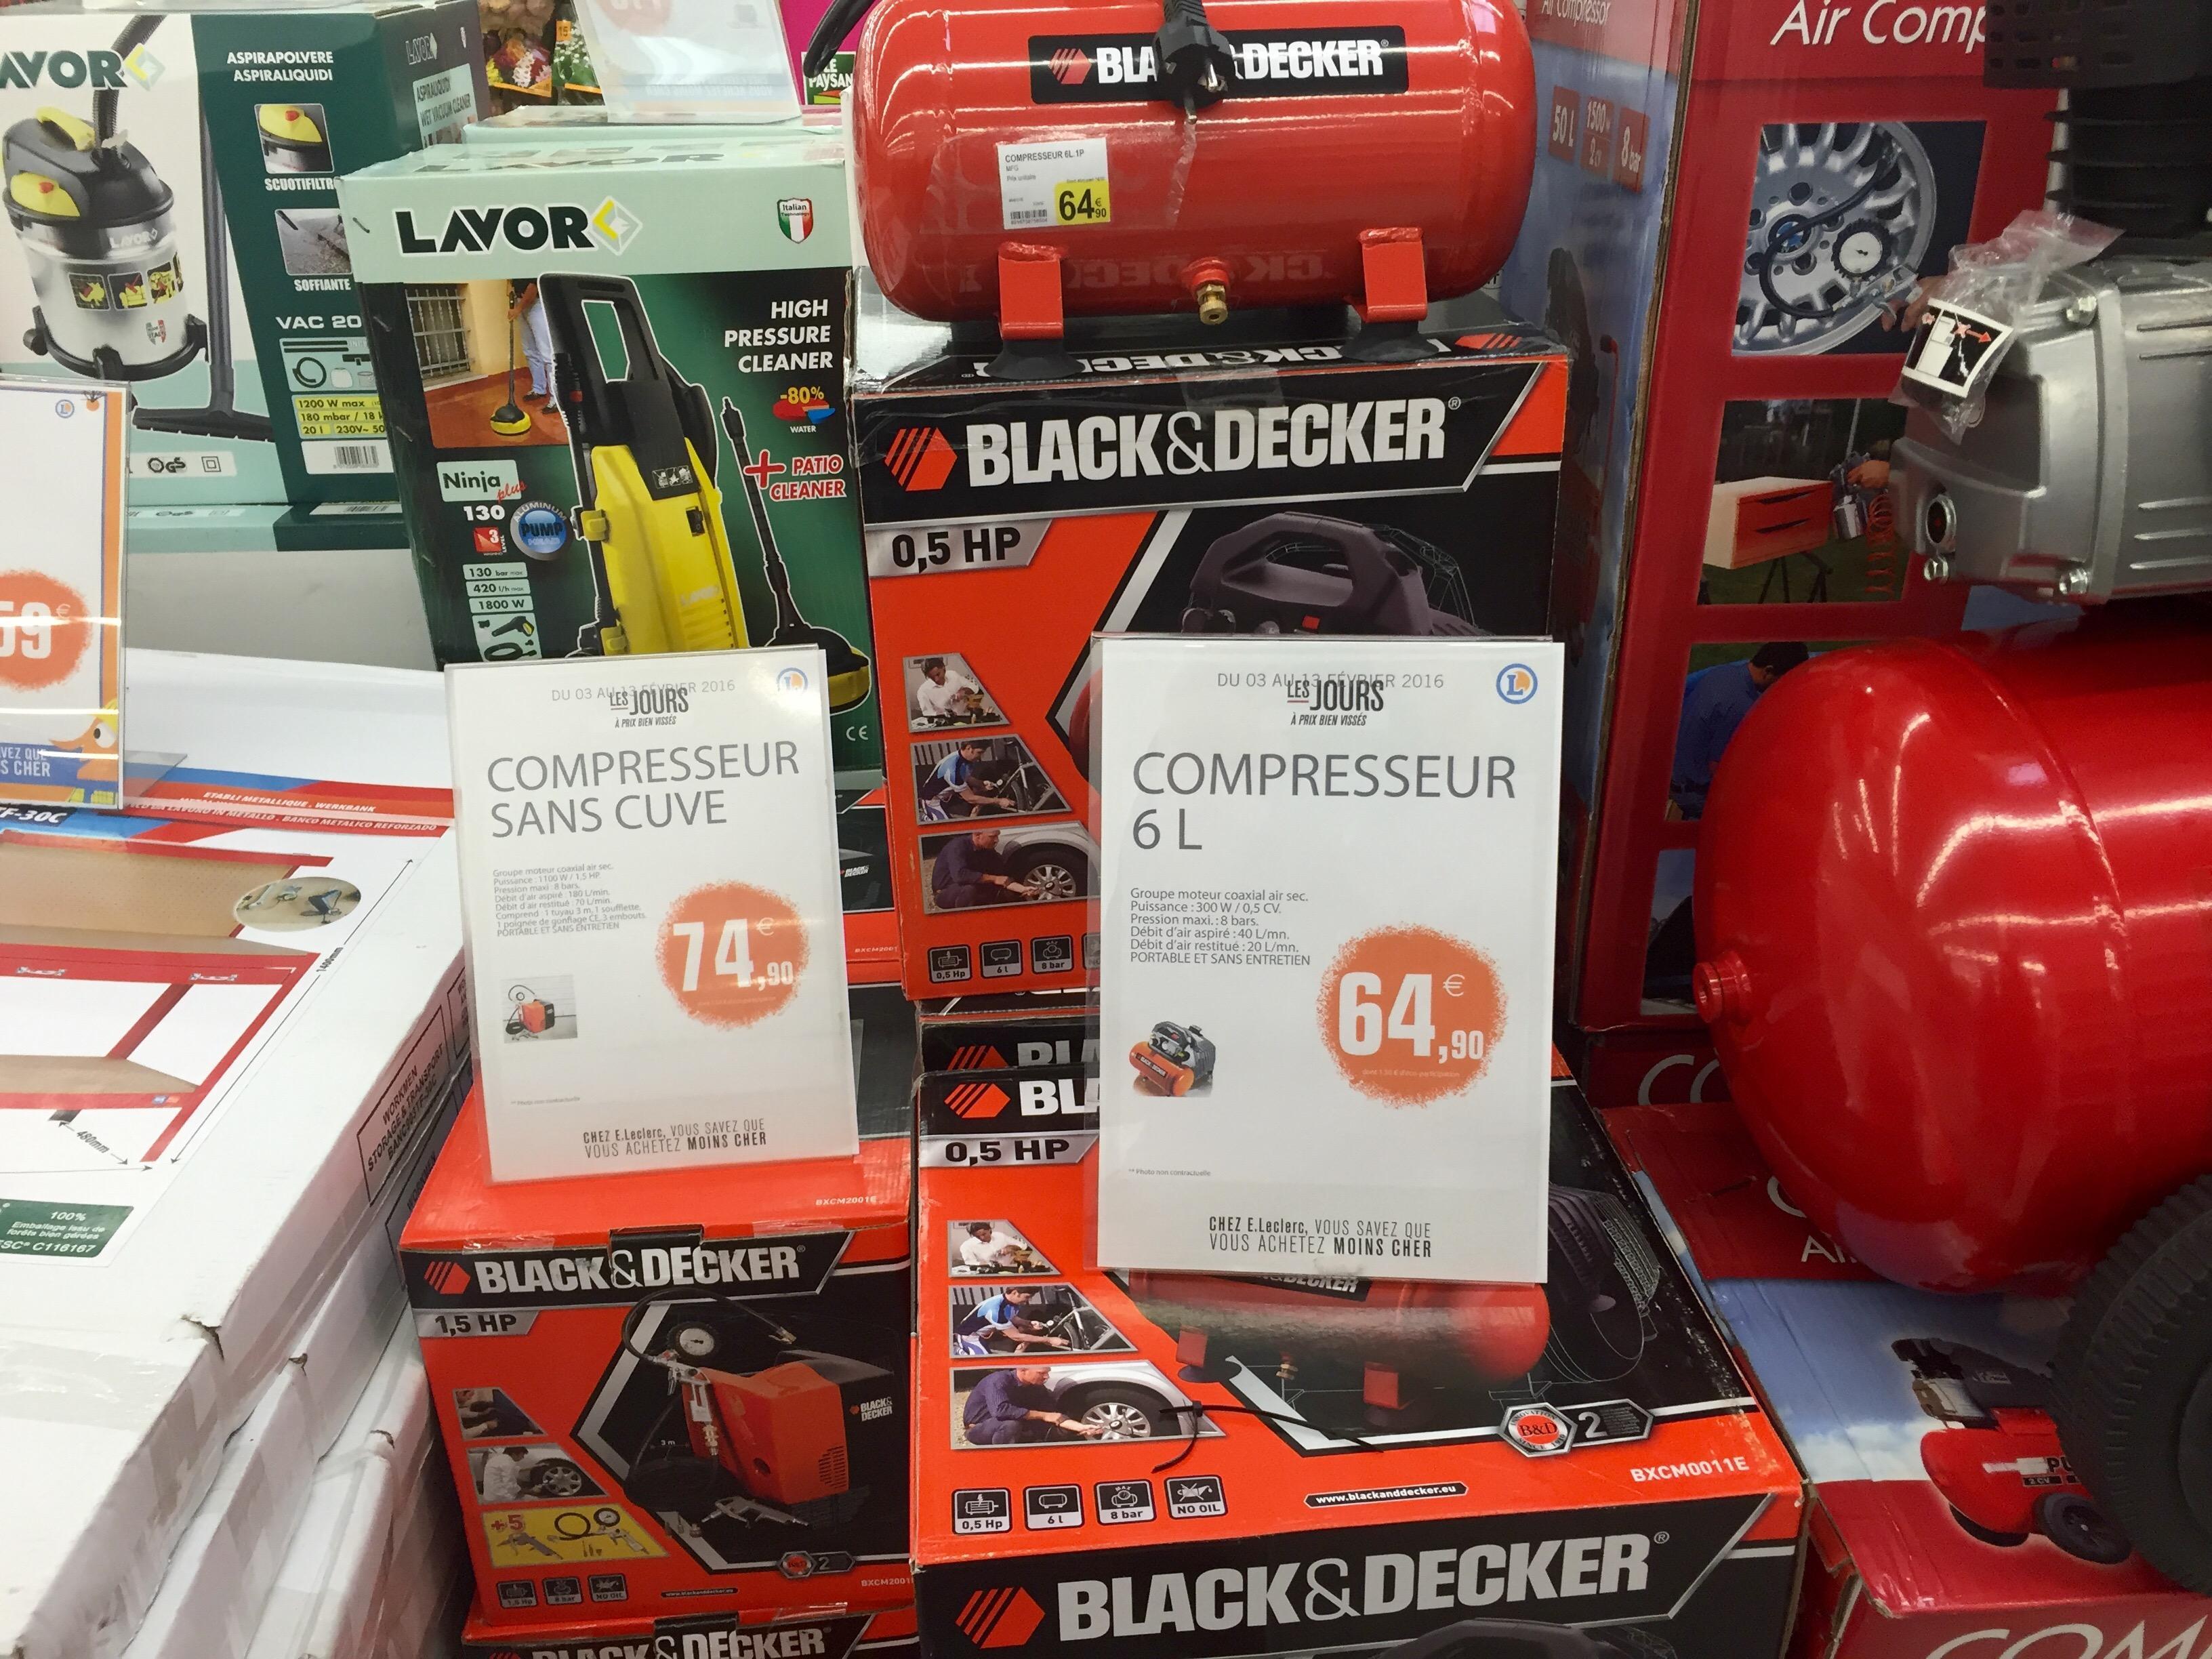 Sélection de compresseurs en promotion - Ex : Compresseur sans cuve Black & Decker Cubo